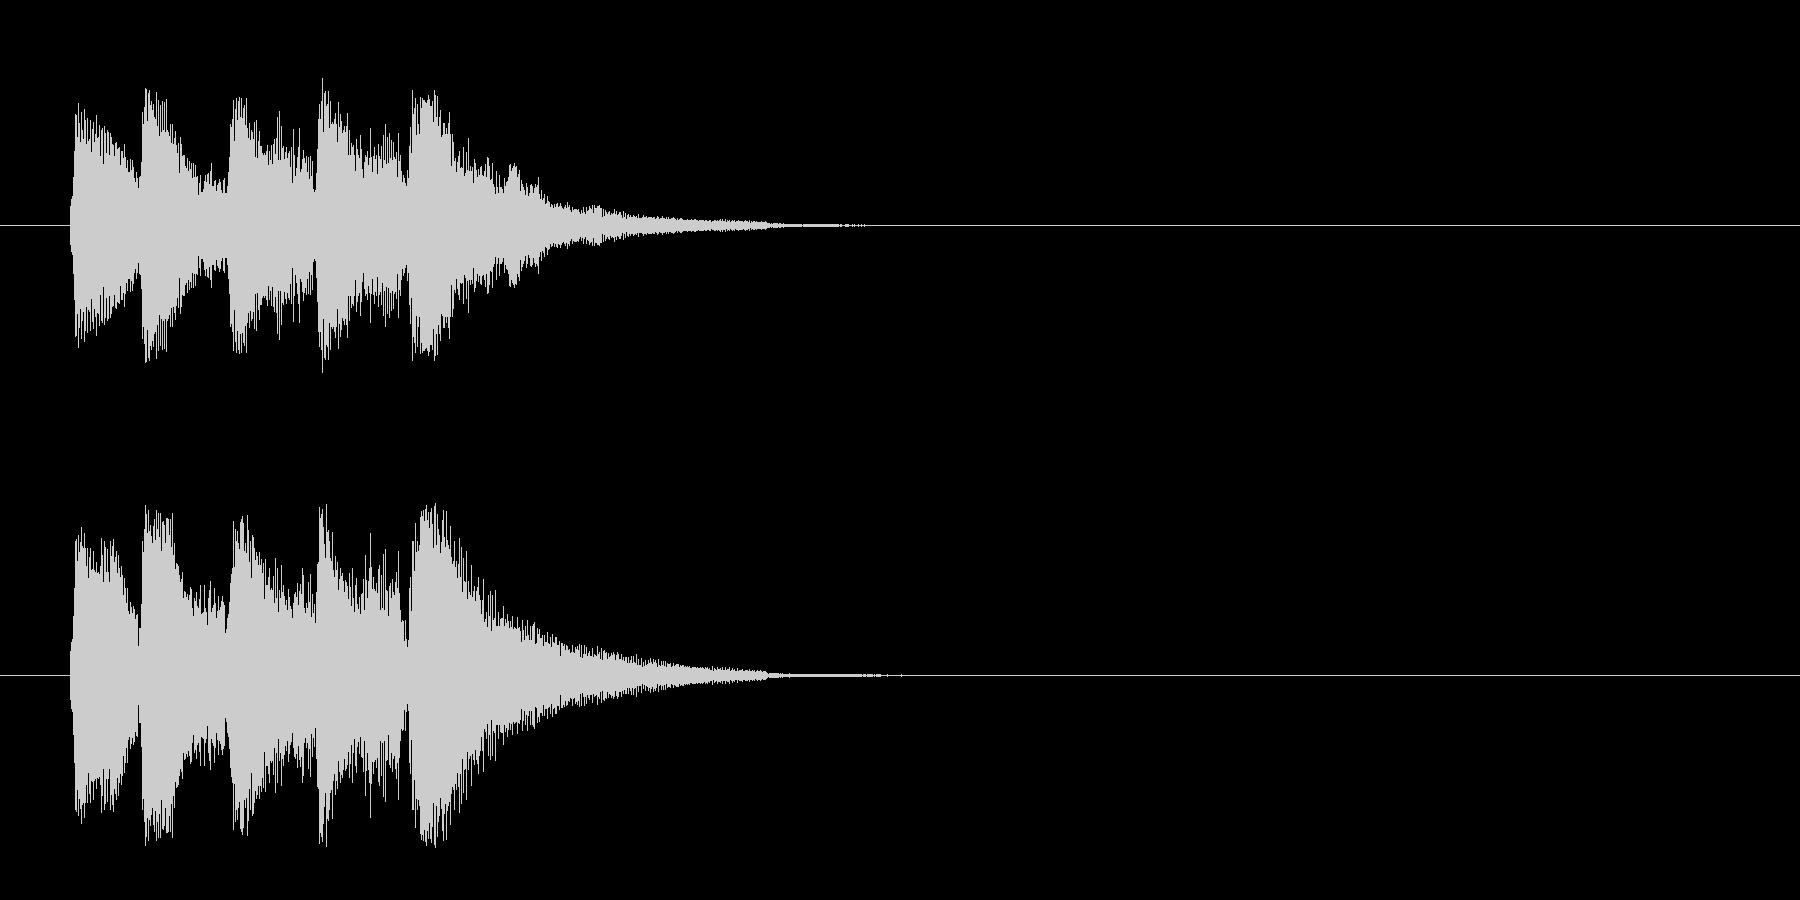 ジングル/ベル(場面転換)の未再生の波形